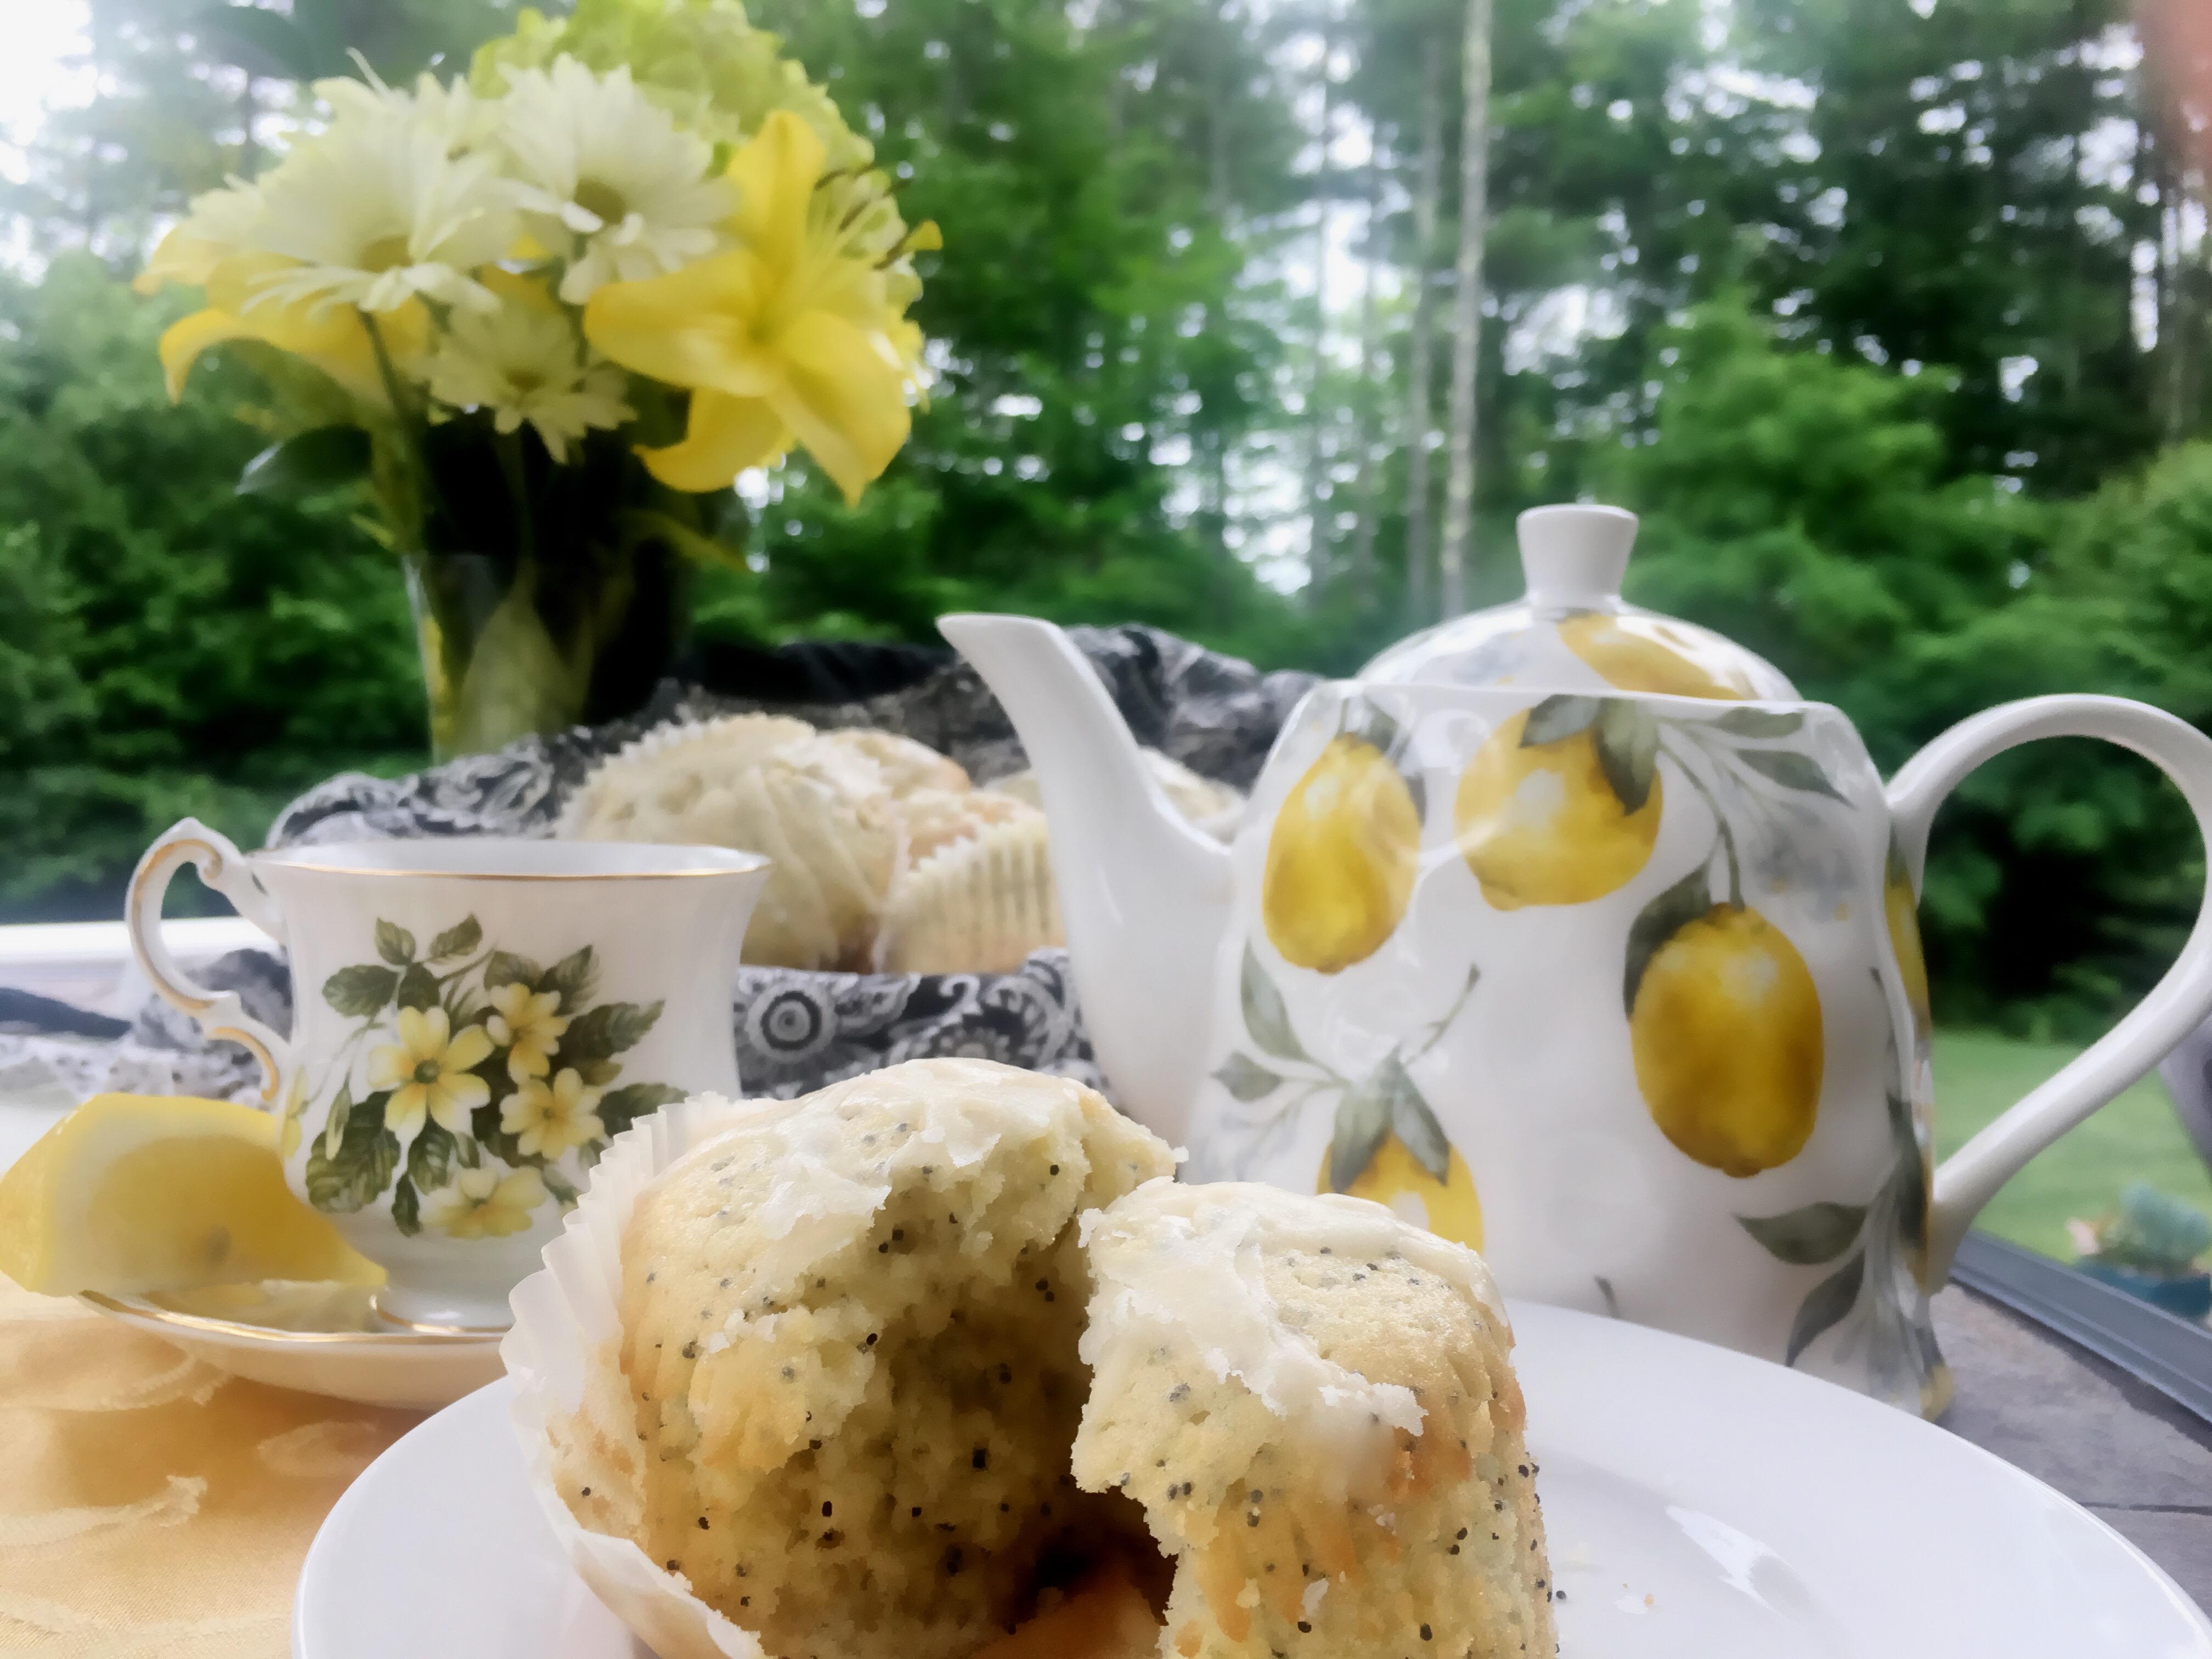 Best Ever Lemon Poppy Seed Cupcakes via @susanmylovingoven.com